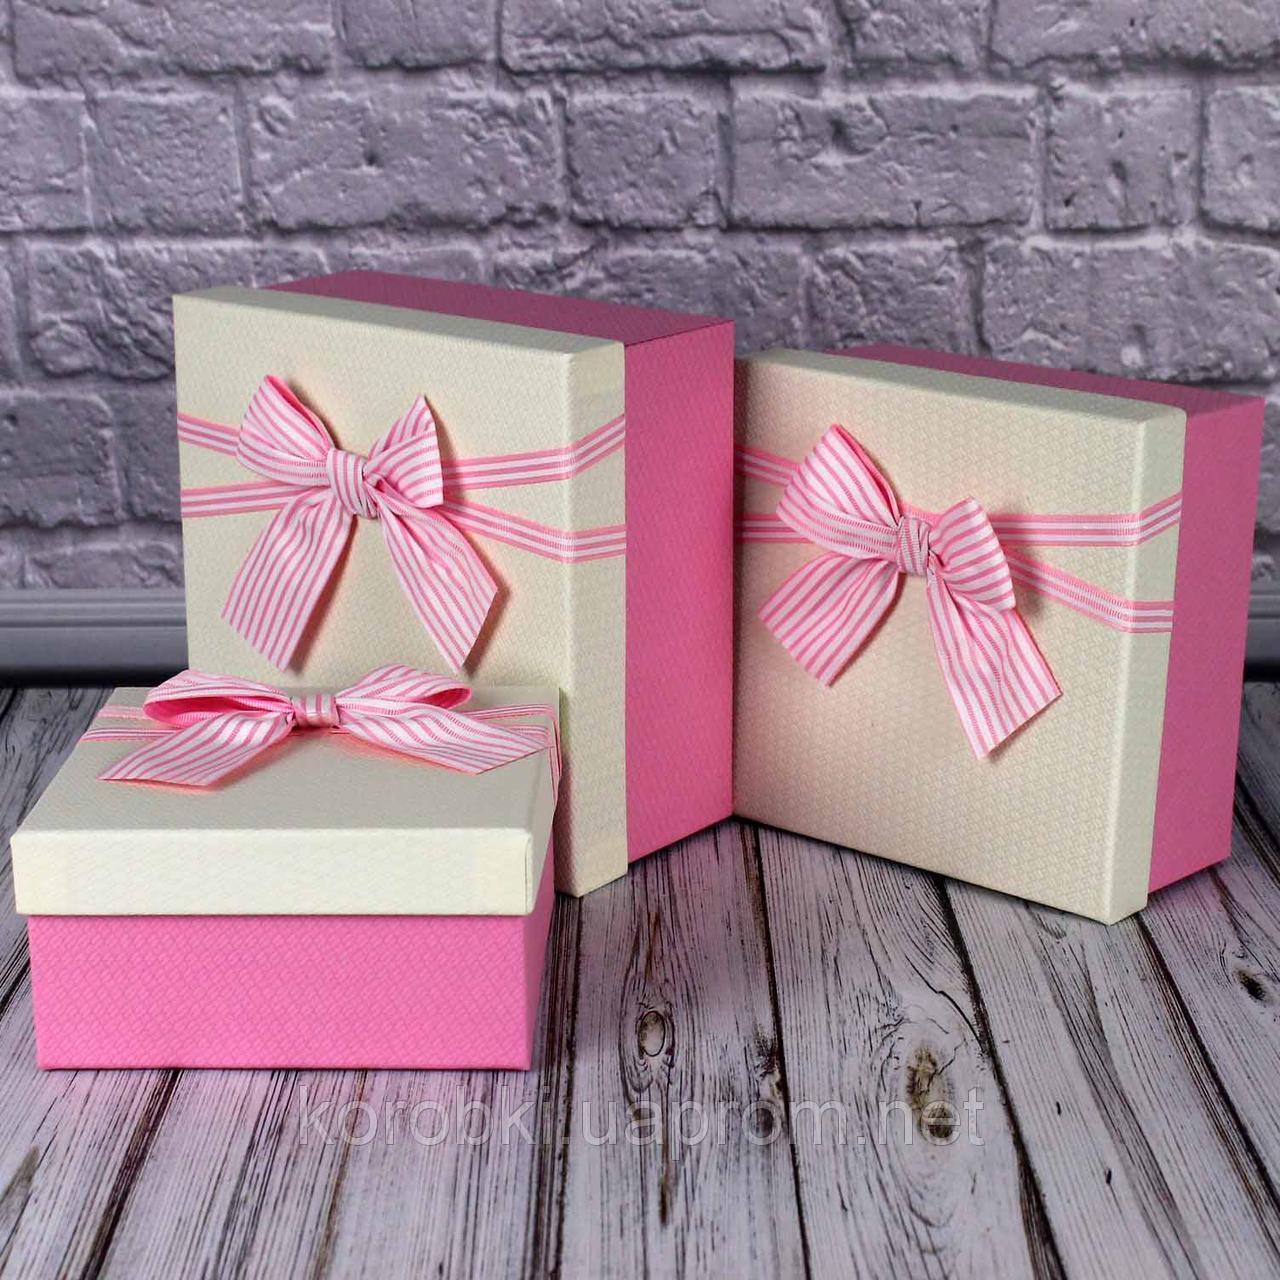 Подарочная коробка розовый бант 3 шт. в наборе